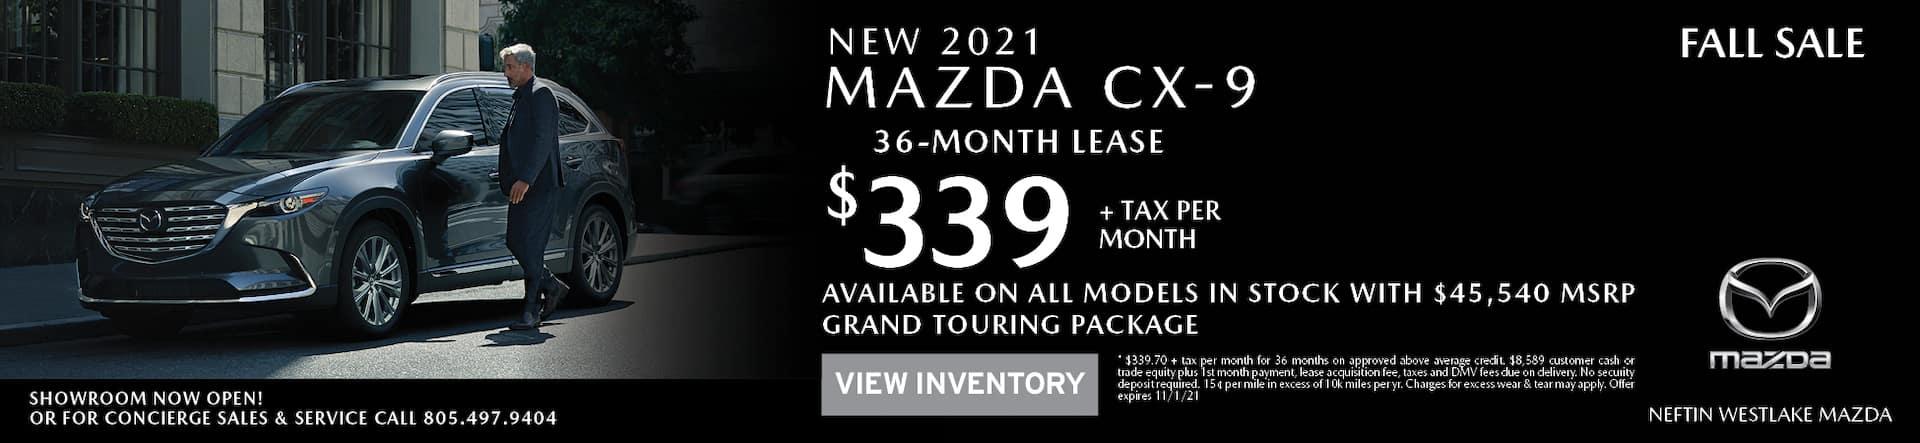 Neftin Westlake Mazda October 2021 CX-9 Lease Offer